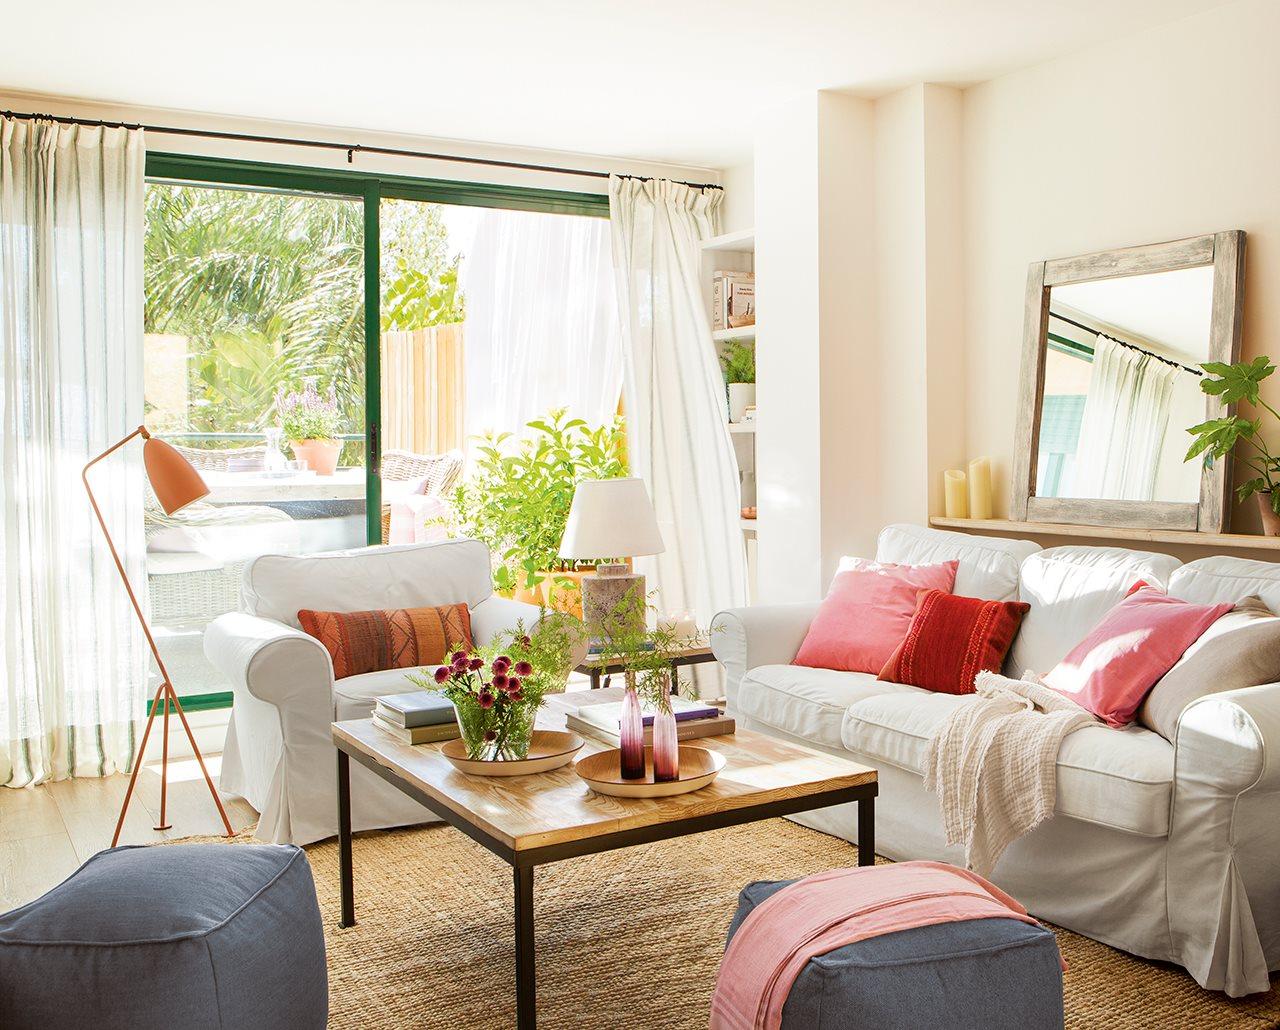 Como combinar colores en decoracion paleta de colores - Combinar color naranja decoracion ...